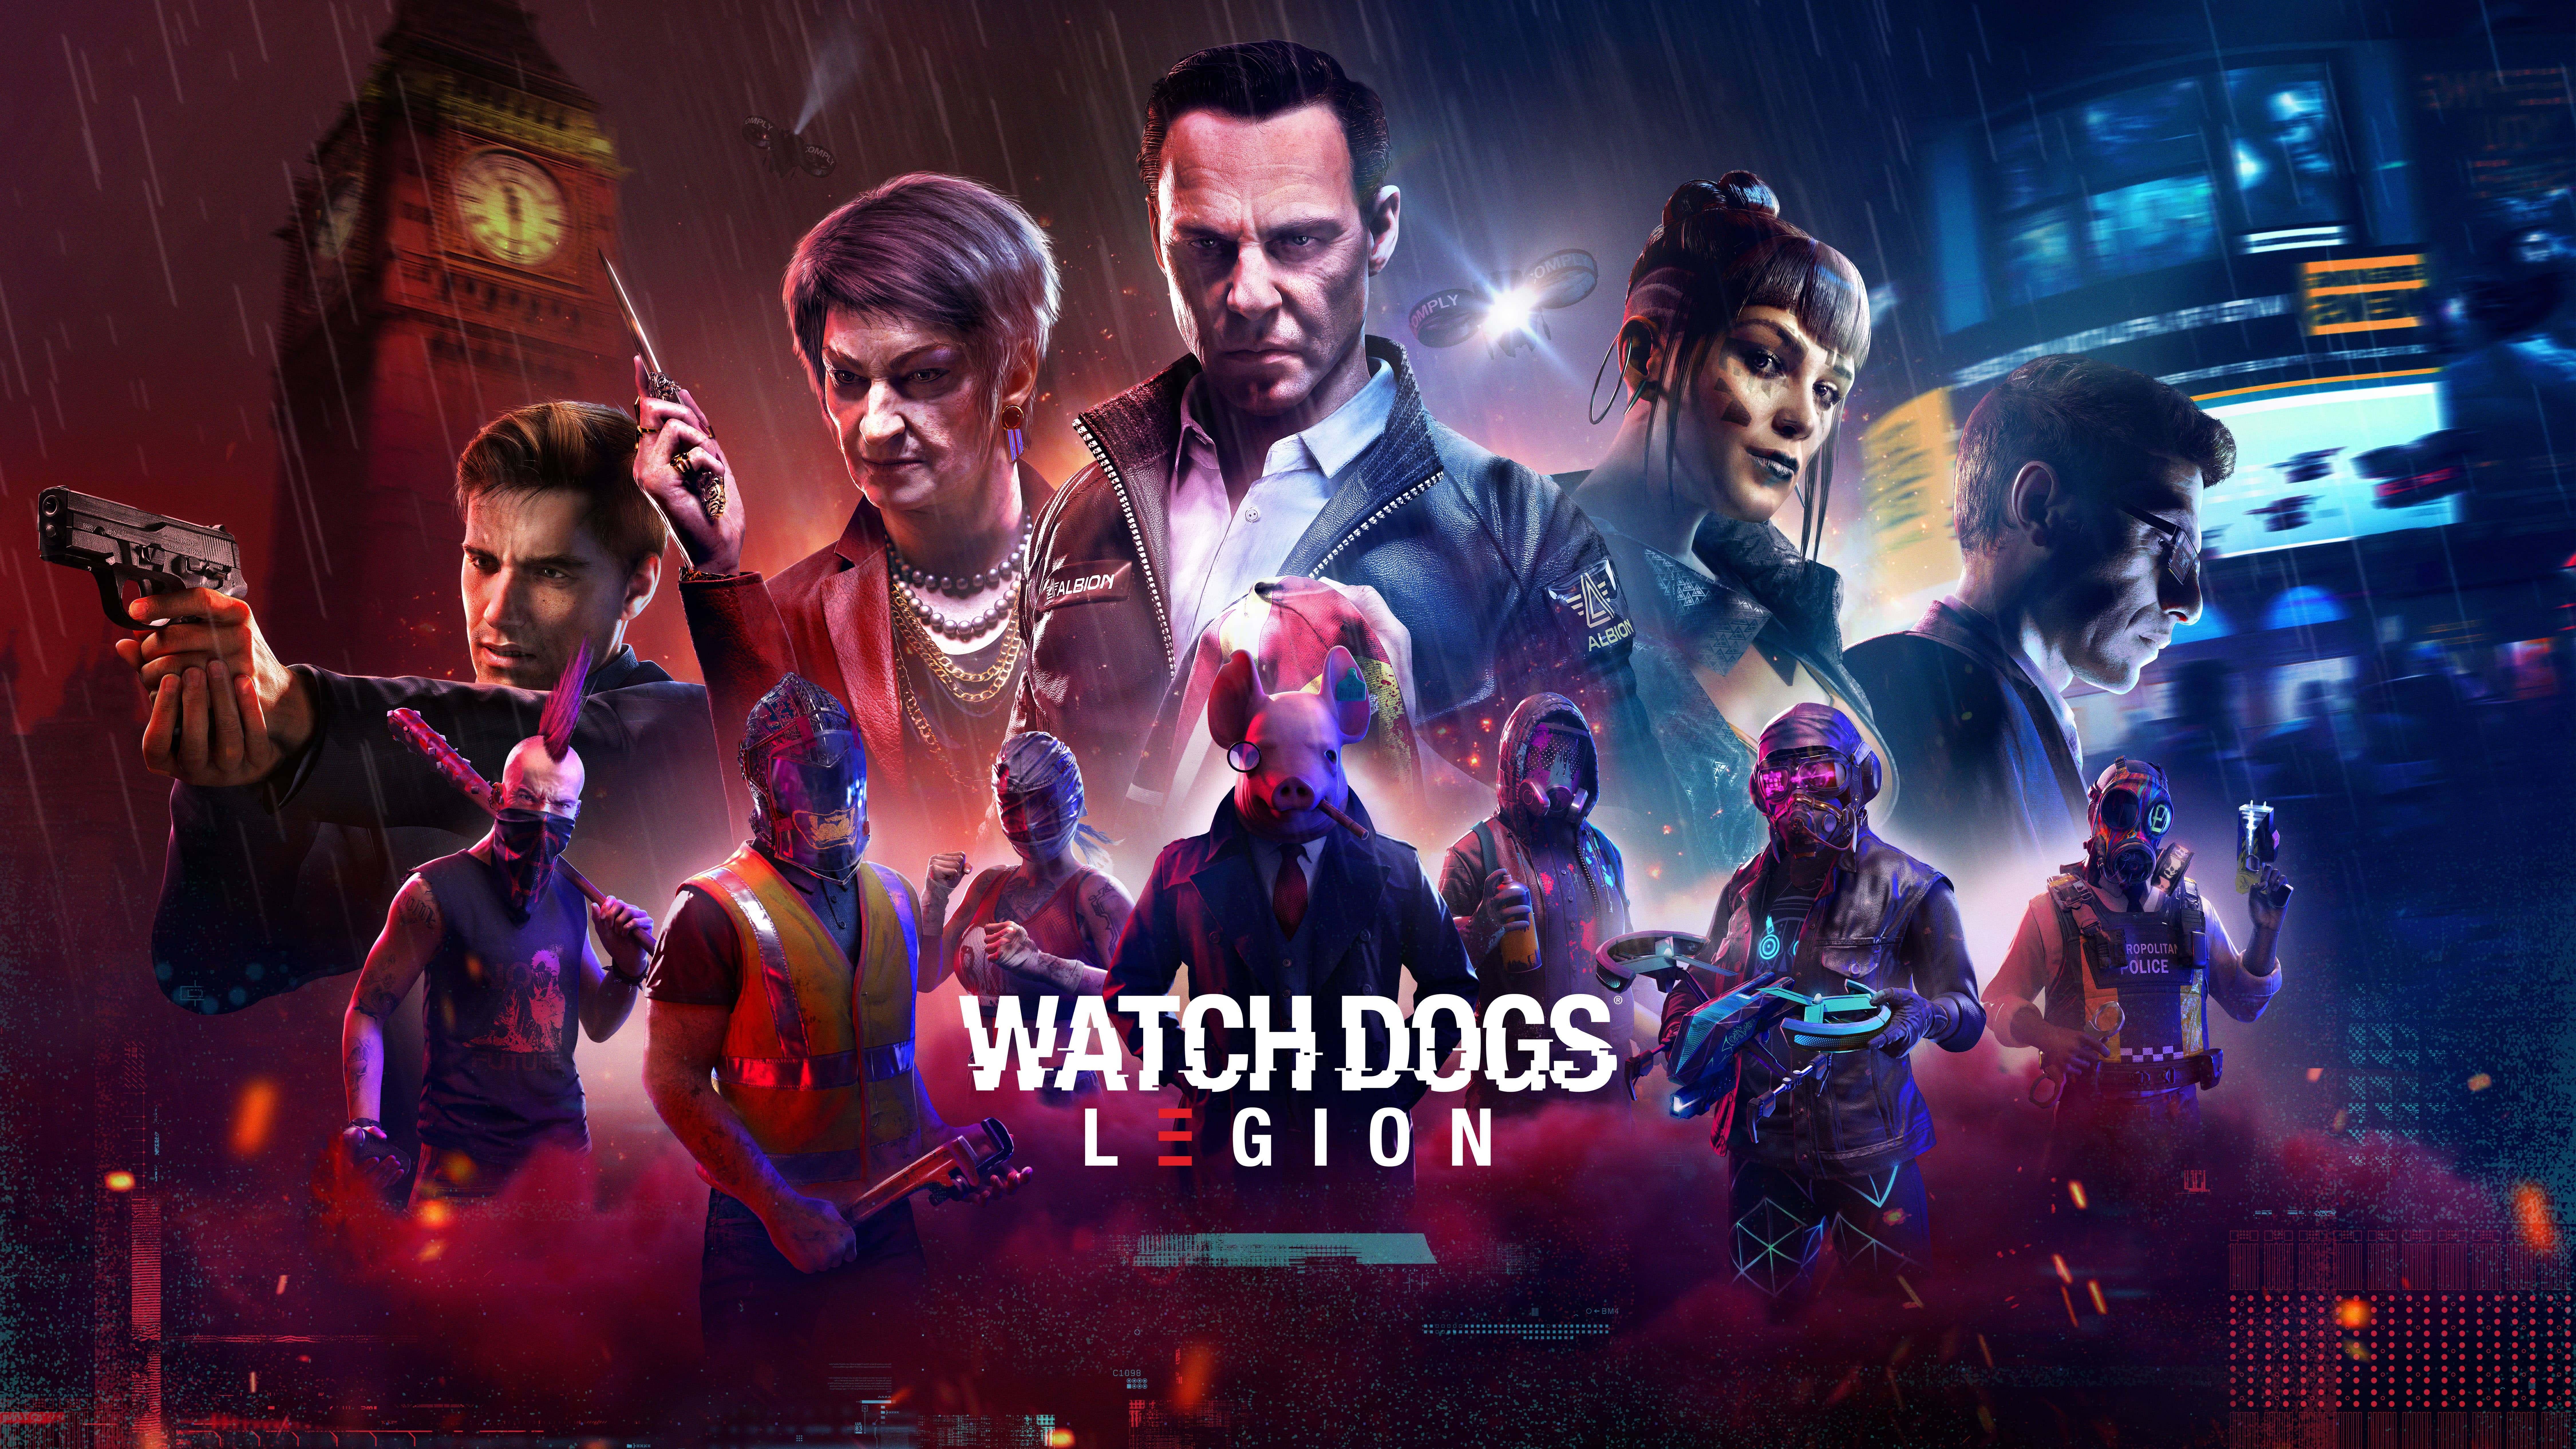 سی دی کی اریجینال یوپلی بازی Watch Dogs: Legion